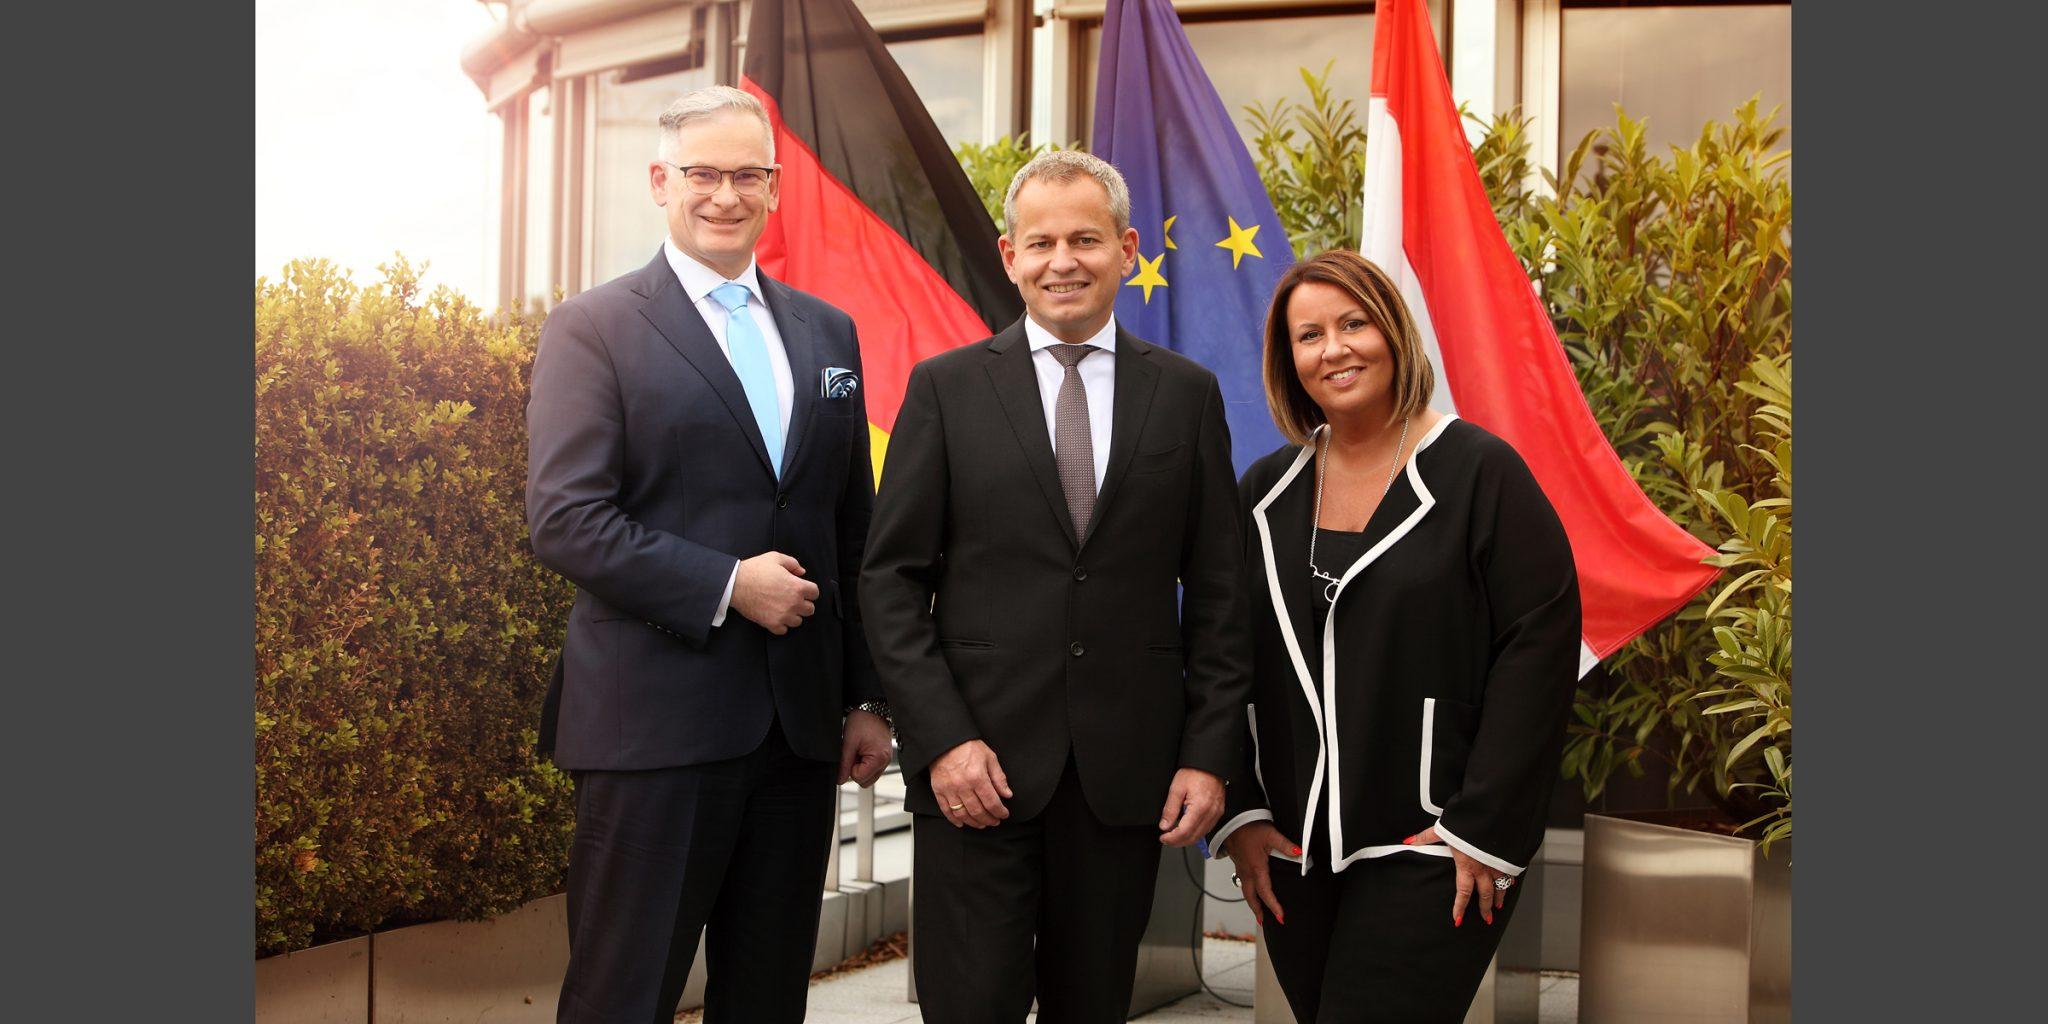 Farbaufnahme eines Mannes, der in einem schwarzen, eleganten Business-Anzug, vor dem Hintergrund dreier Fahnen und zwischen einem Mann und einer Frau von der Deutsche Bank Luxemburg posiert.